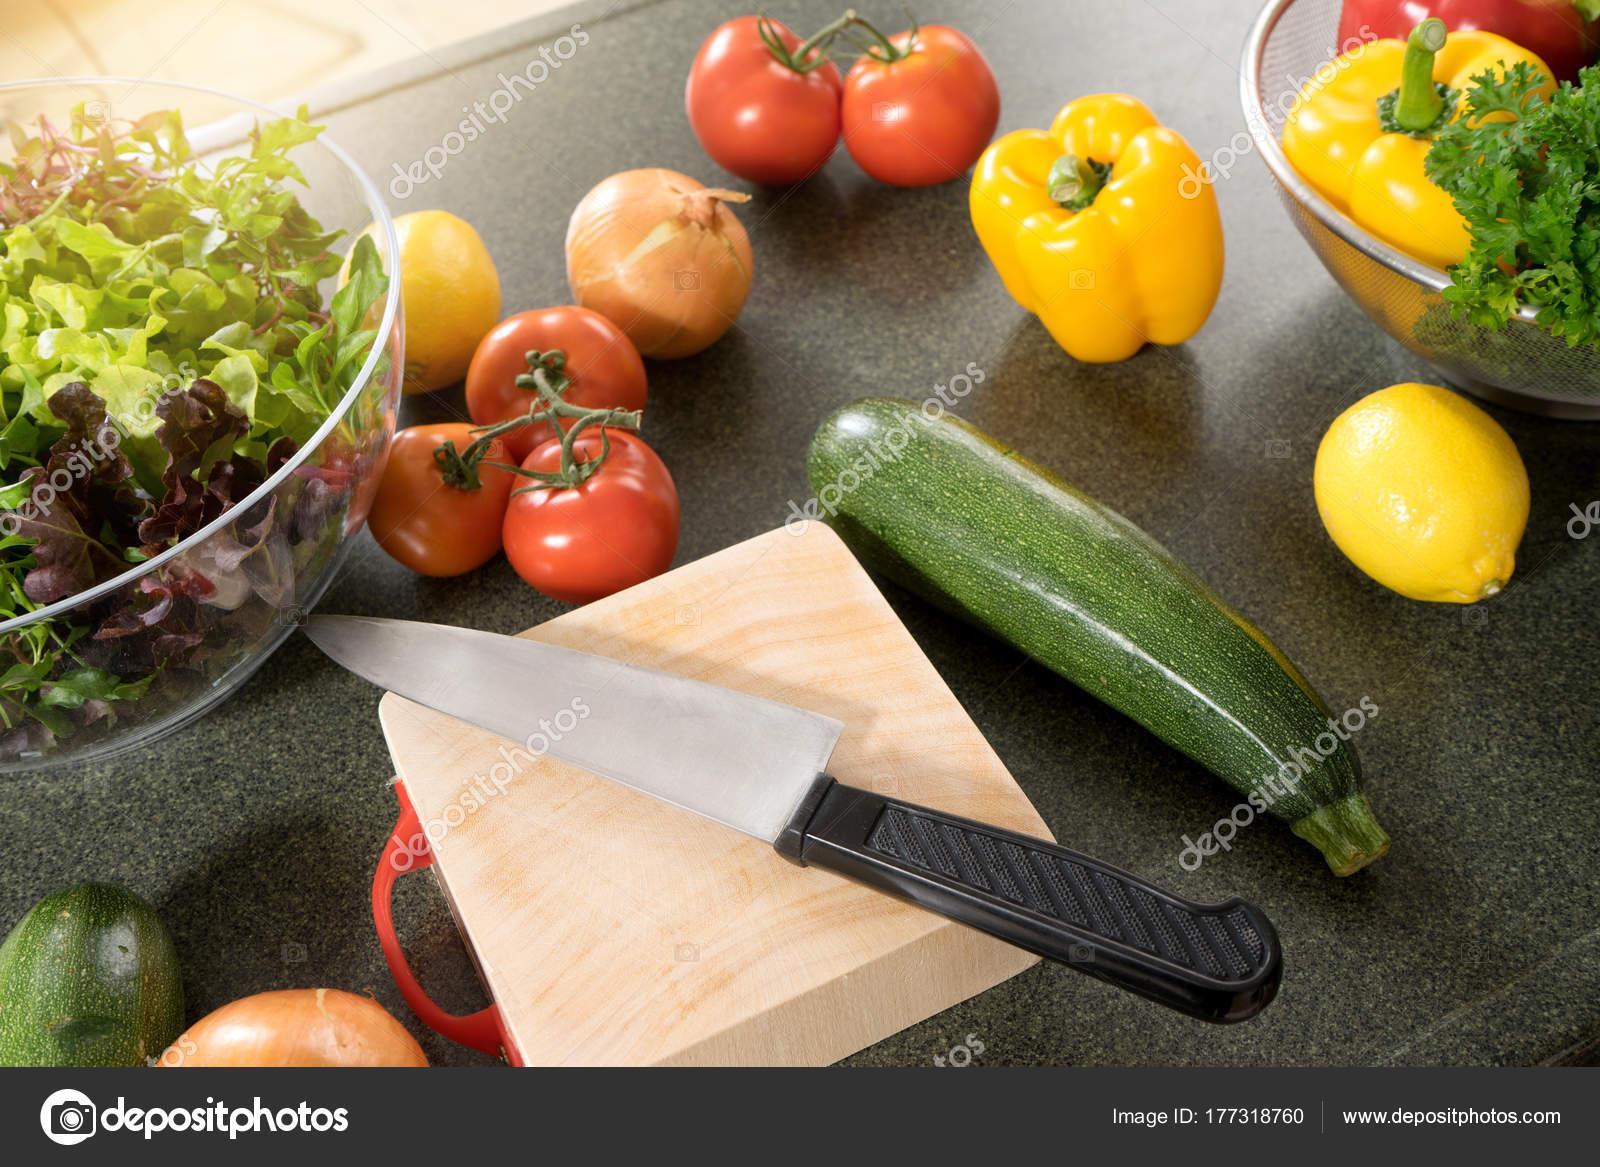 Moderne Küche zu Hause vorbereiten Rohkost für Salat — Stockfoto ...